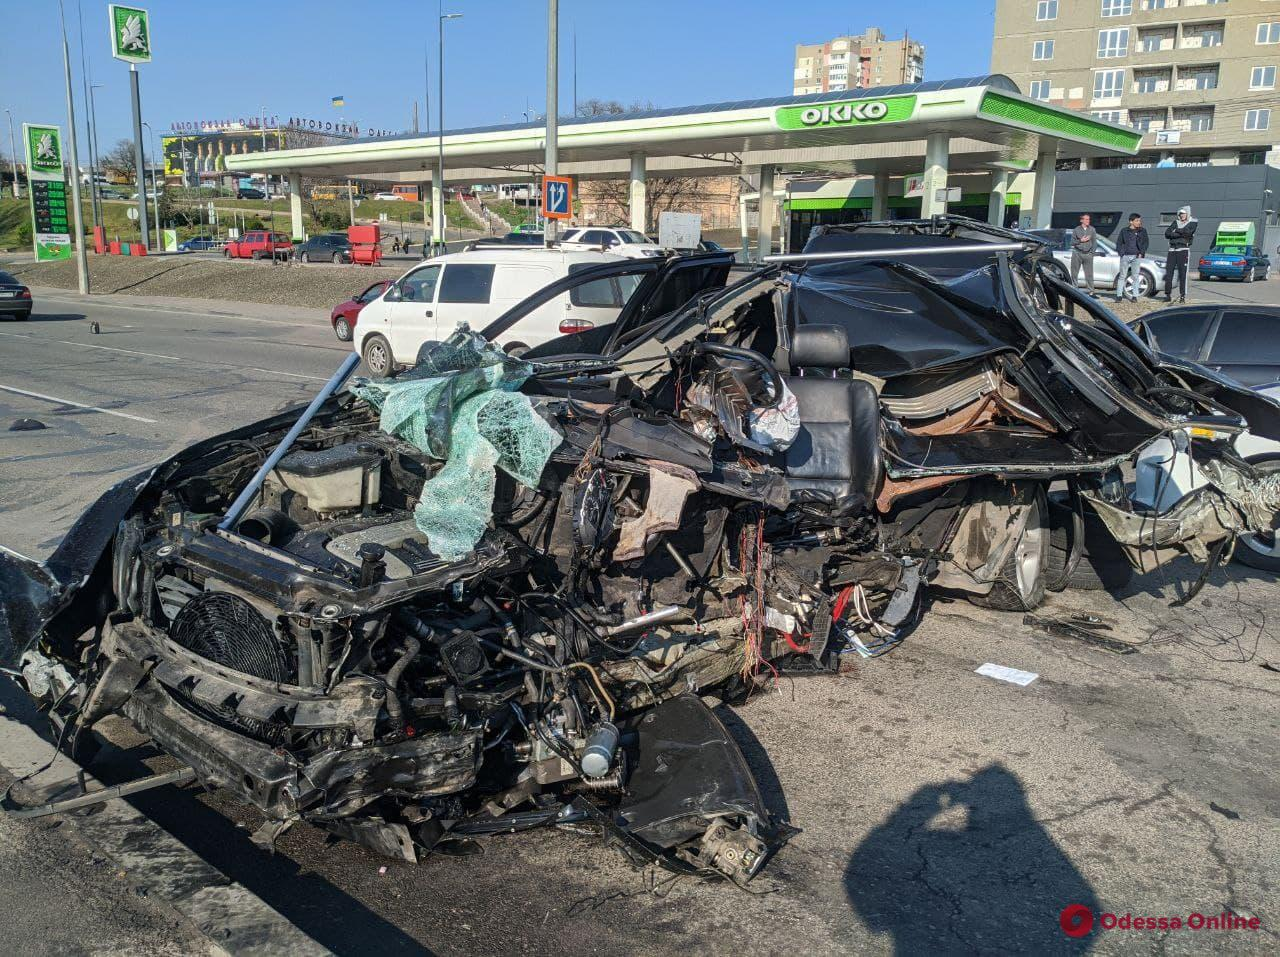 На Балковской BMW влетел в опору рекламного щита — машину разорвало, водителя увезла «скорая» (видео, обновляется)